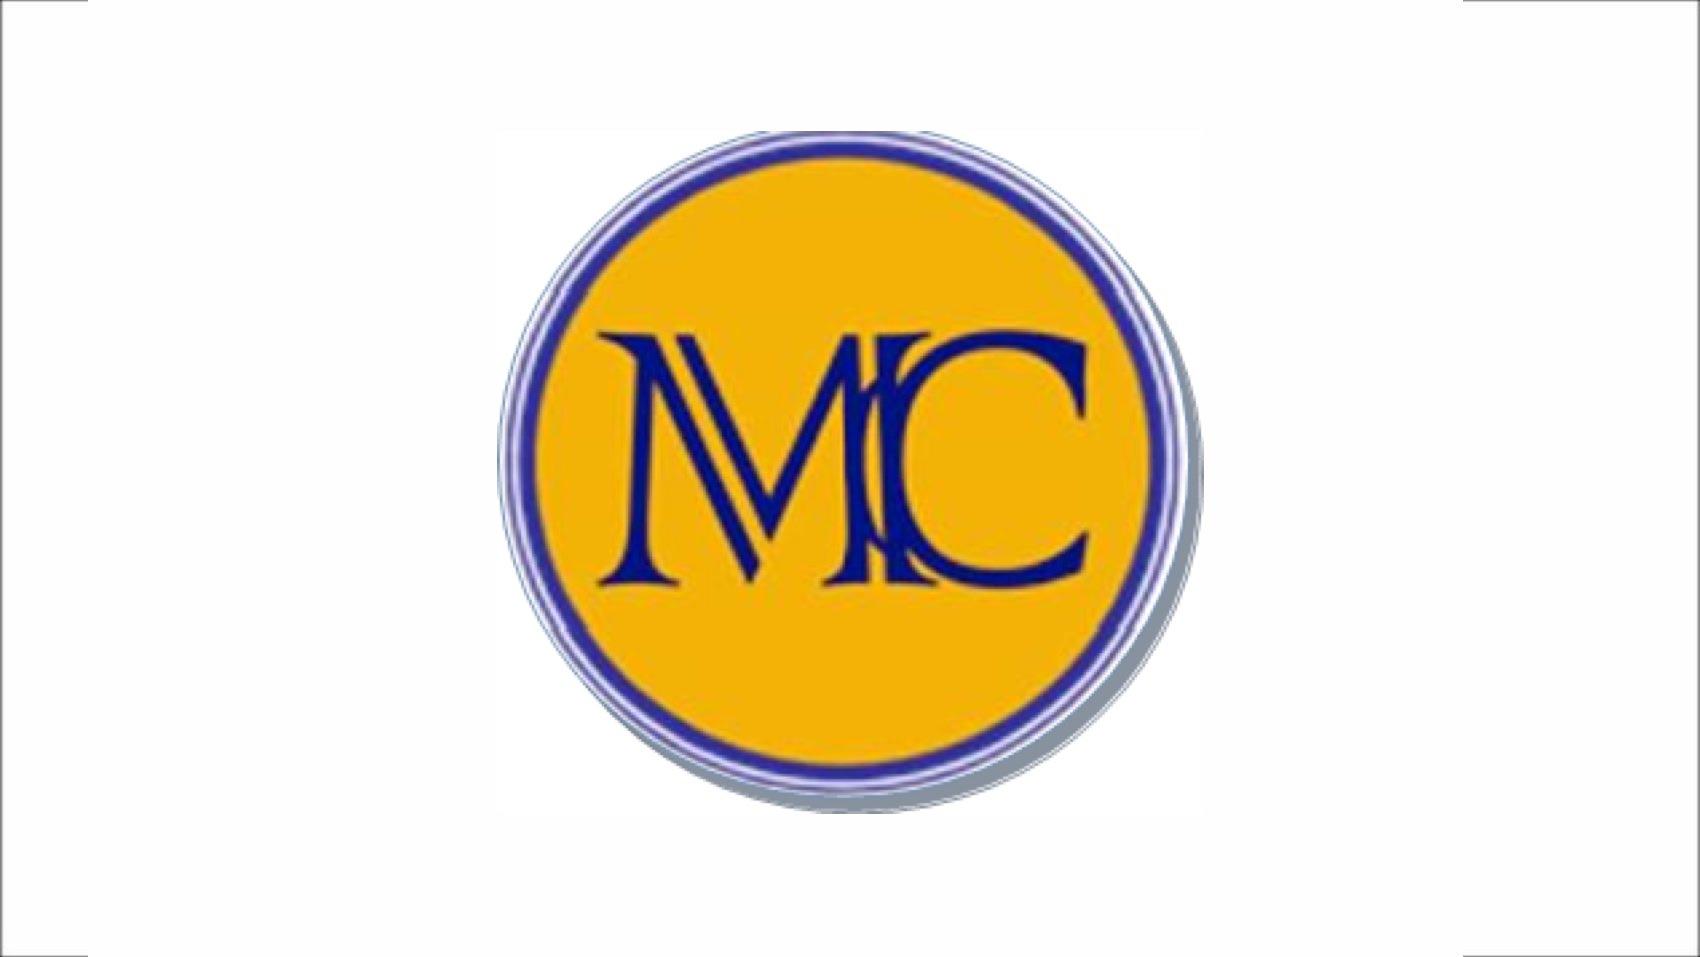 MacCormac College